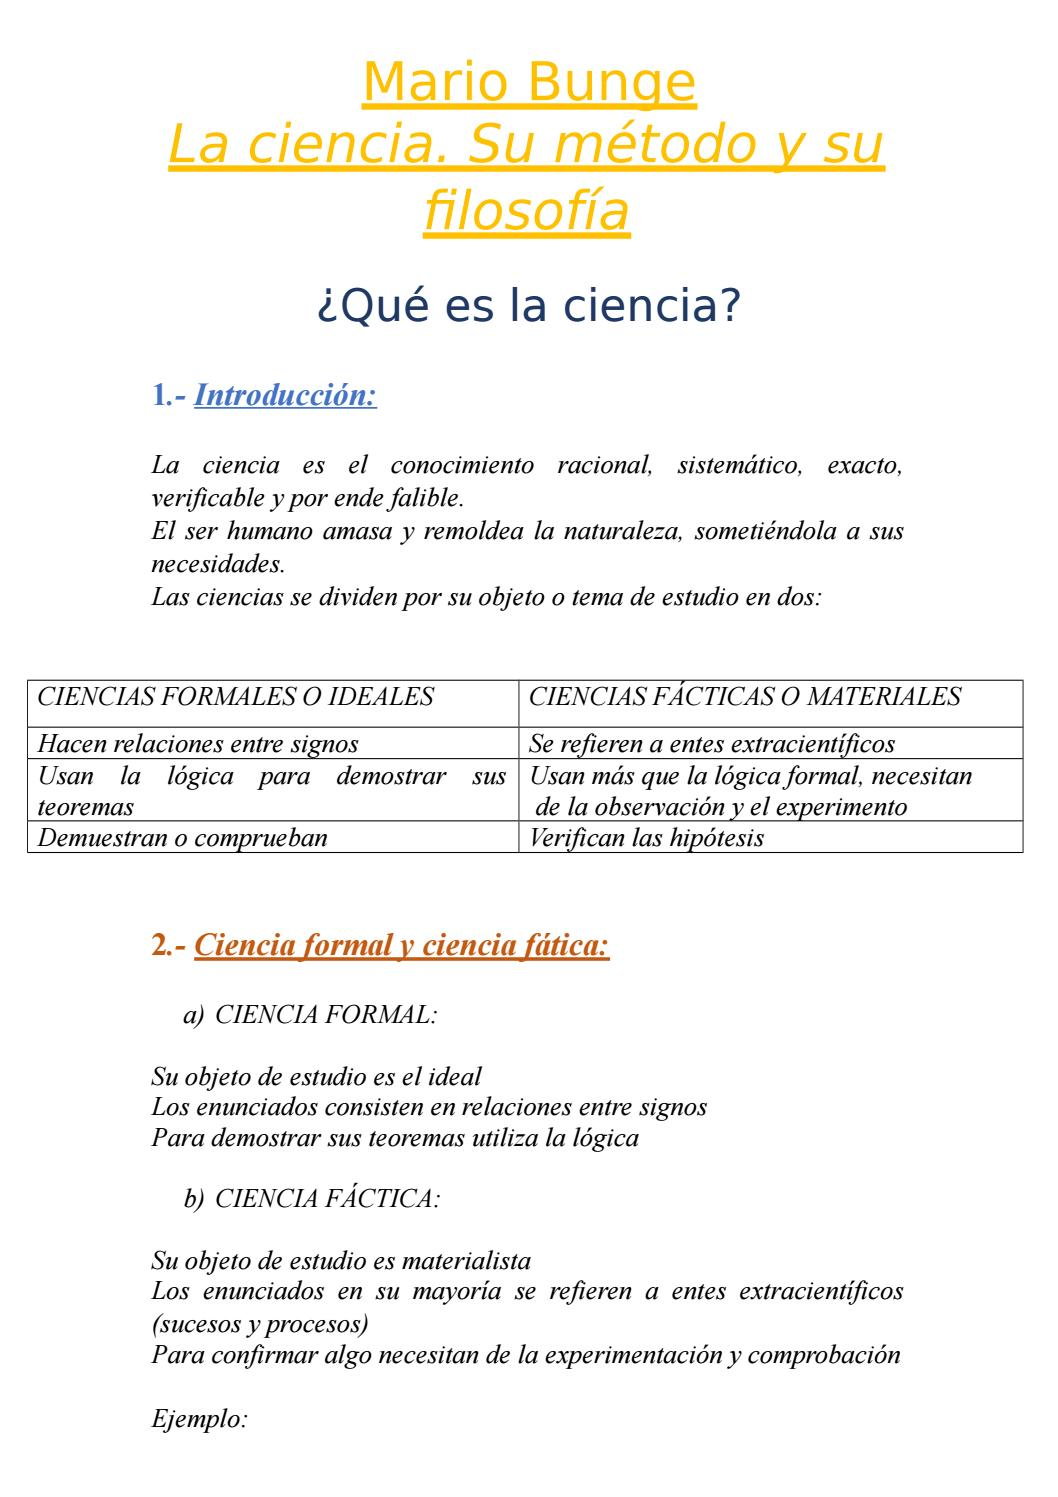 MARIO BUNGE LA CIENCIA,SU MÉTODO Y SU FILOSOFÍA page 1